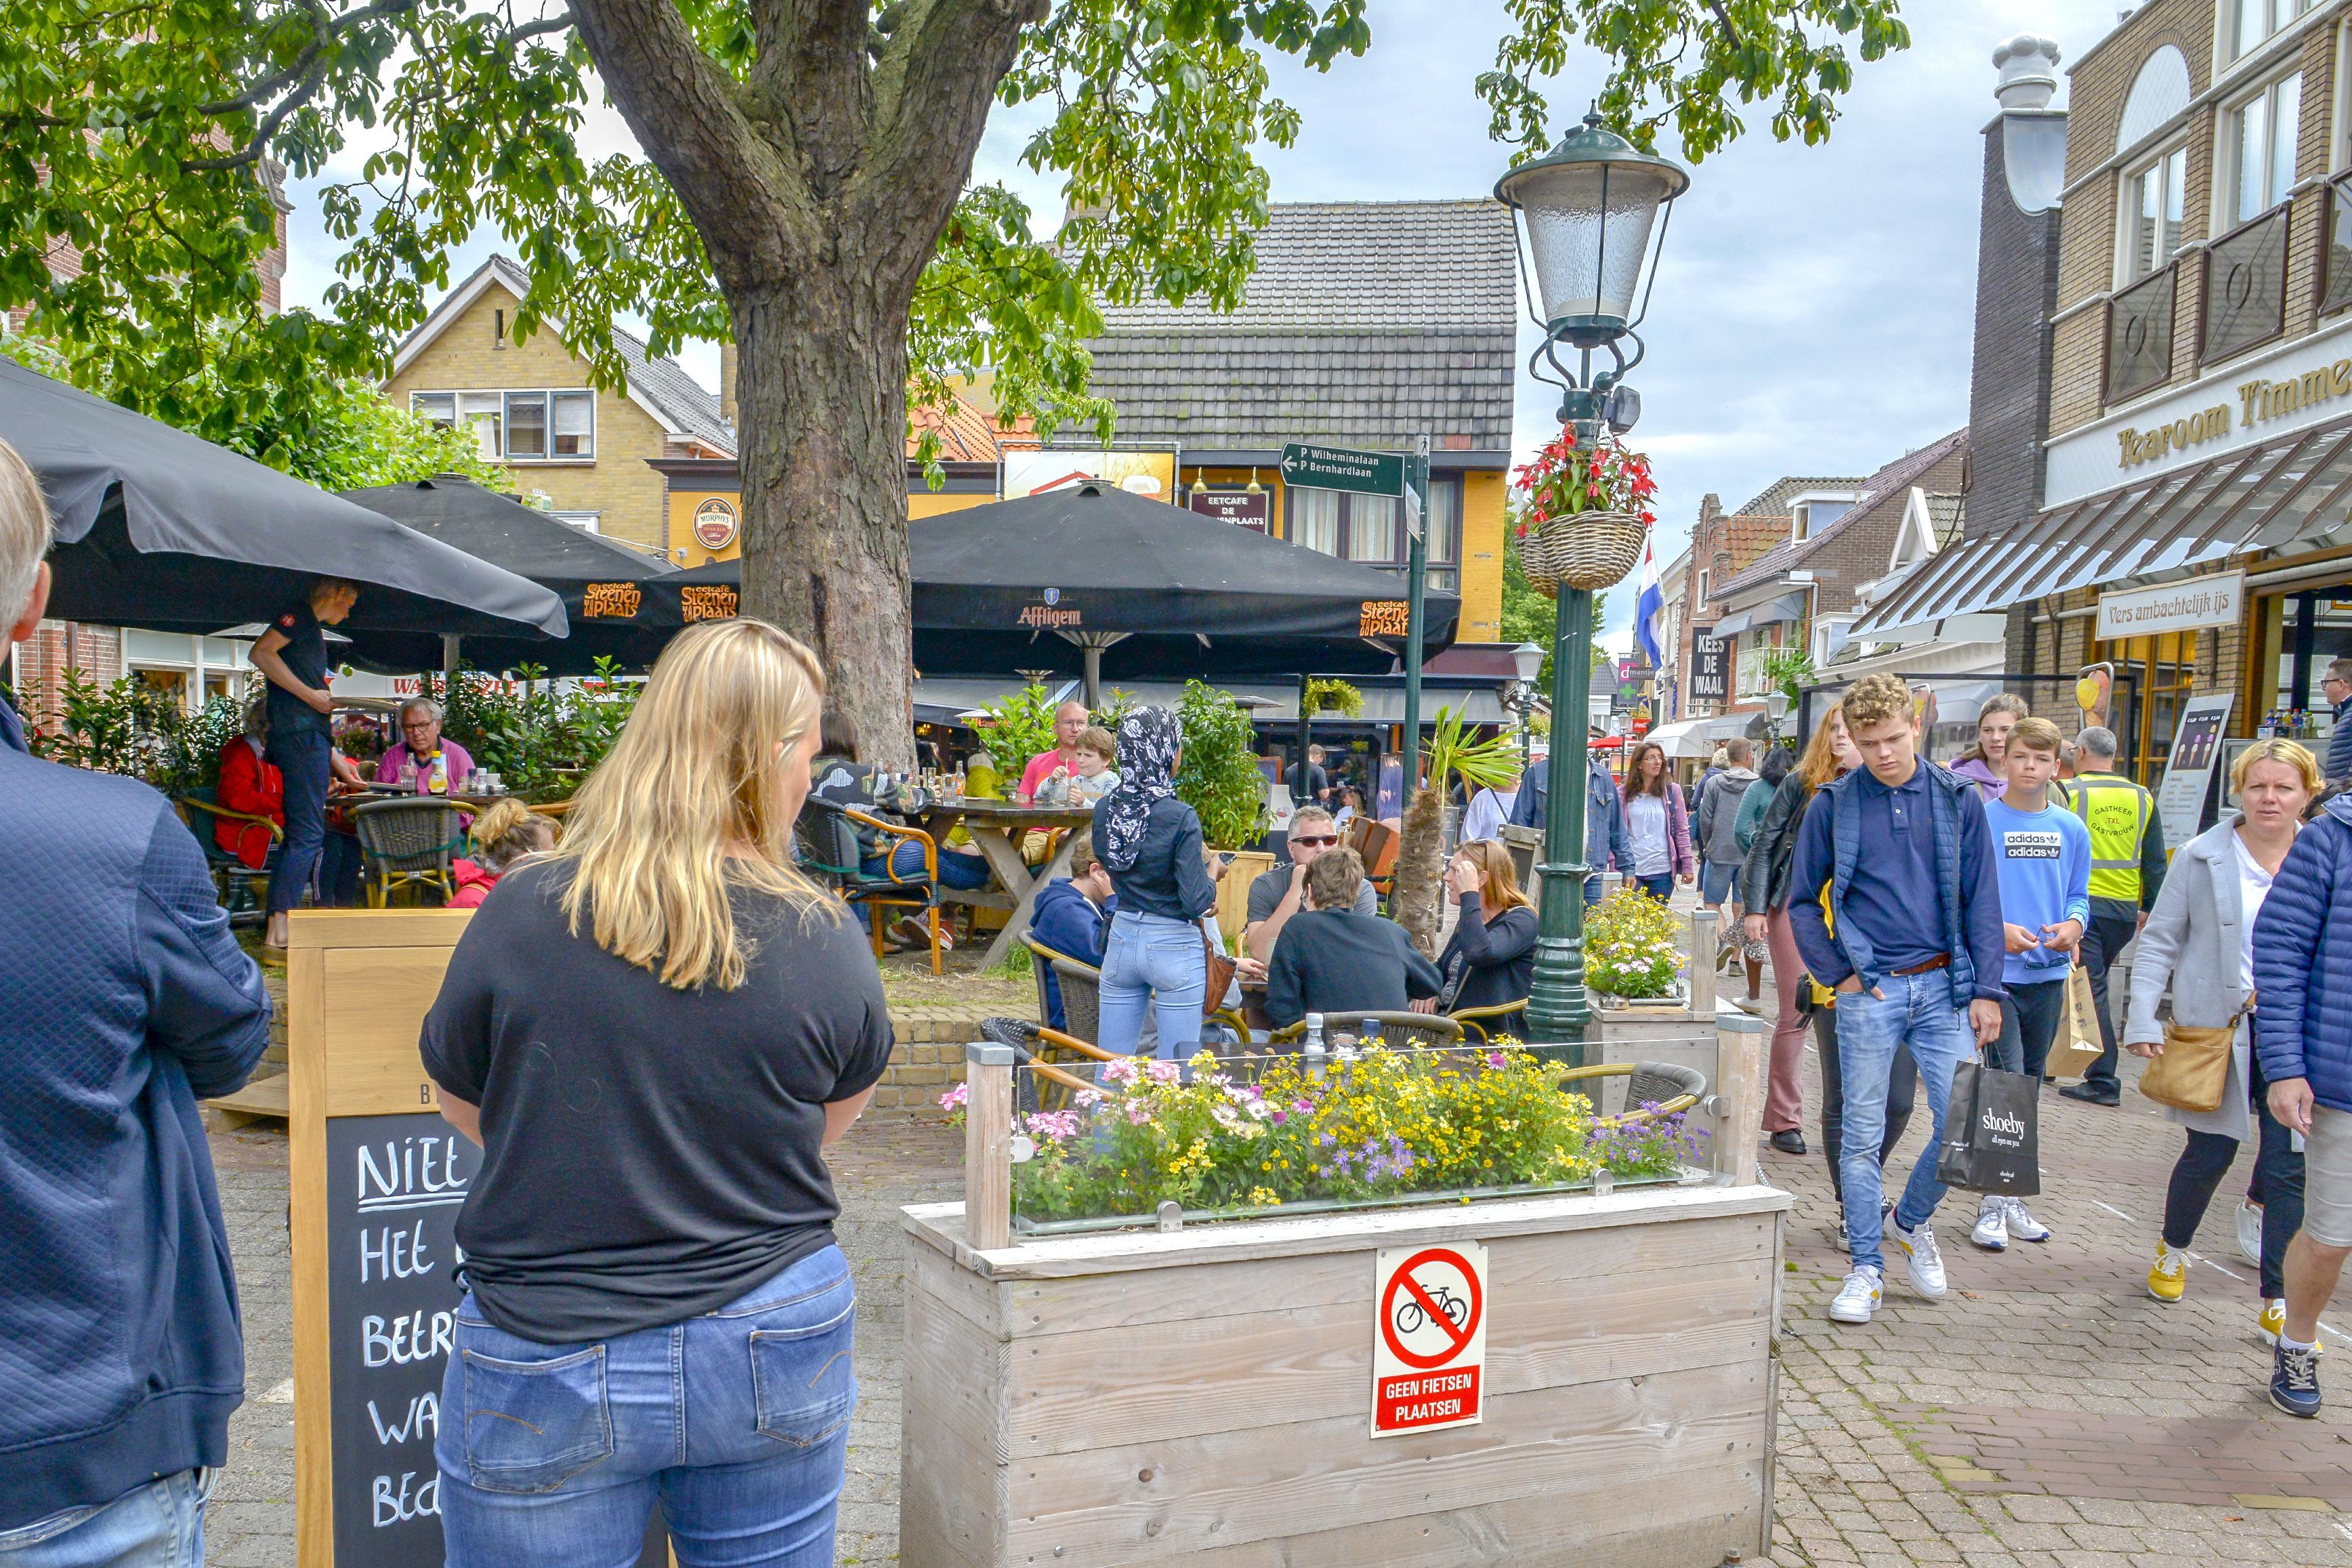 Gemeente Texel schroomt niet langer om boetes uit te delen als cafés de coronamaatregelen overboord gooien